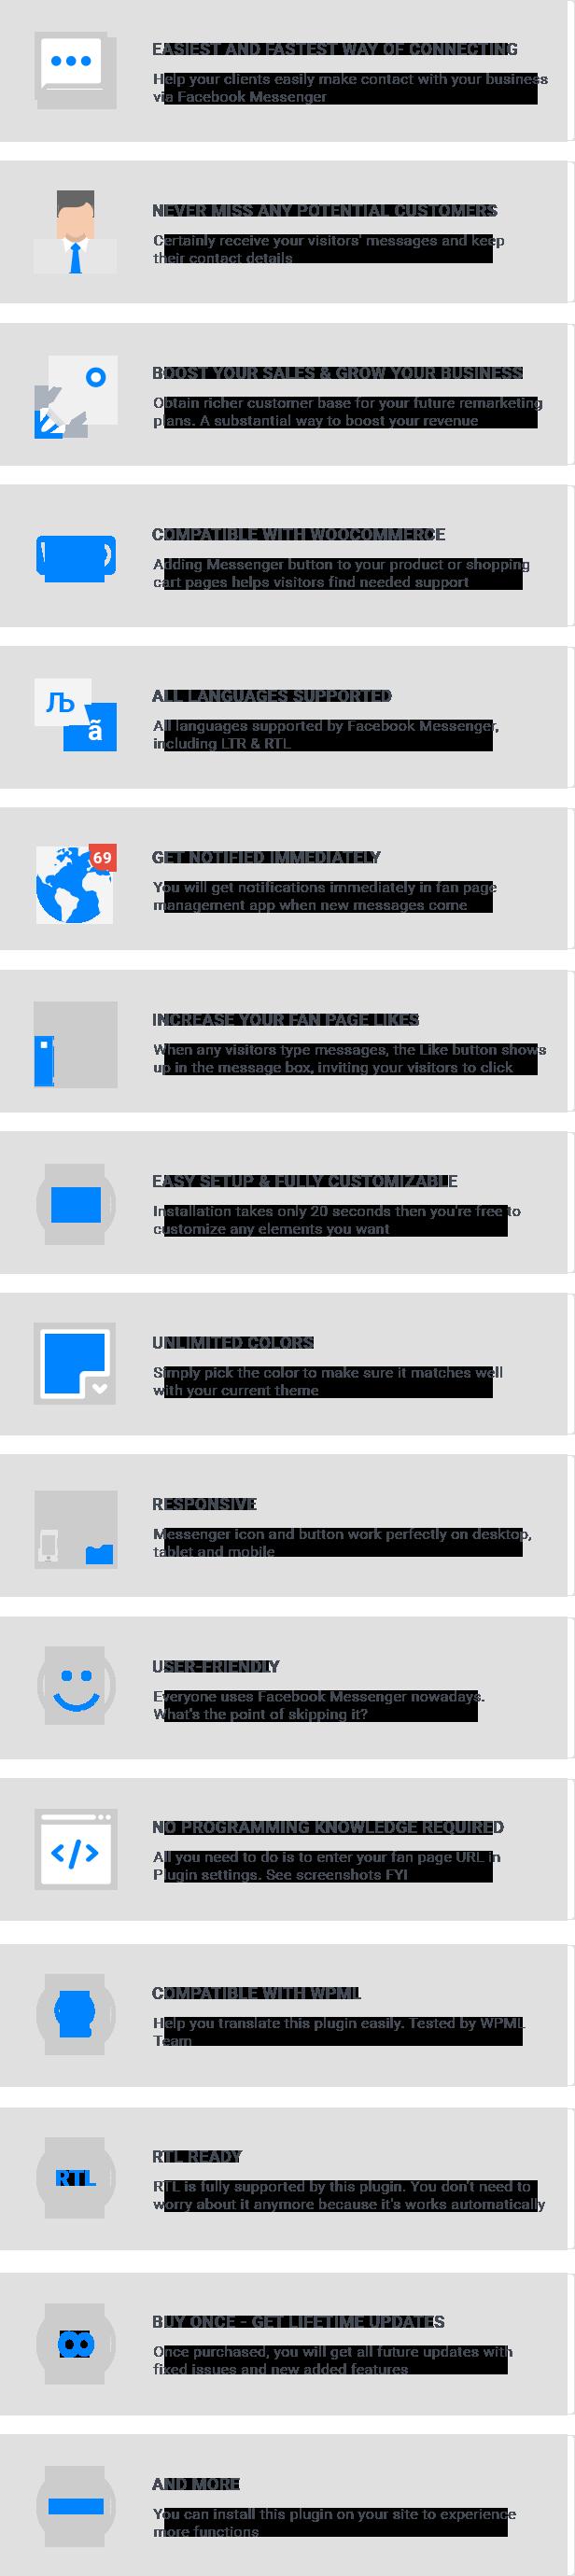 WordPressの機能のためのFacebookのメッセンジャー